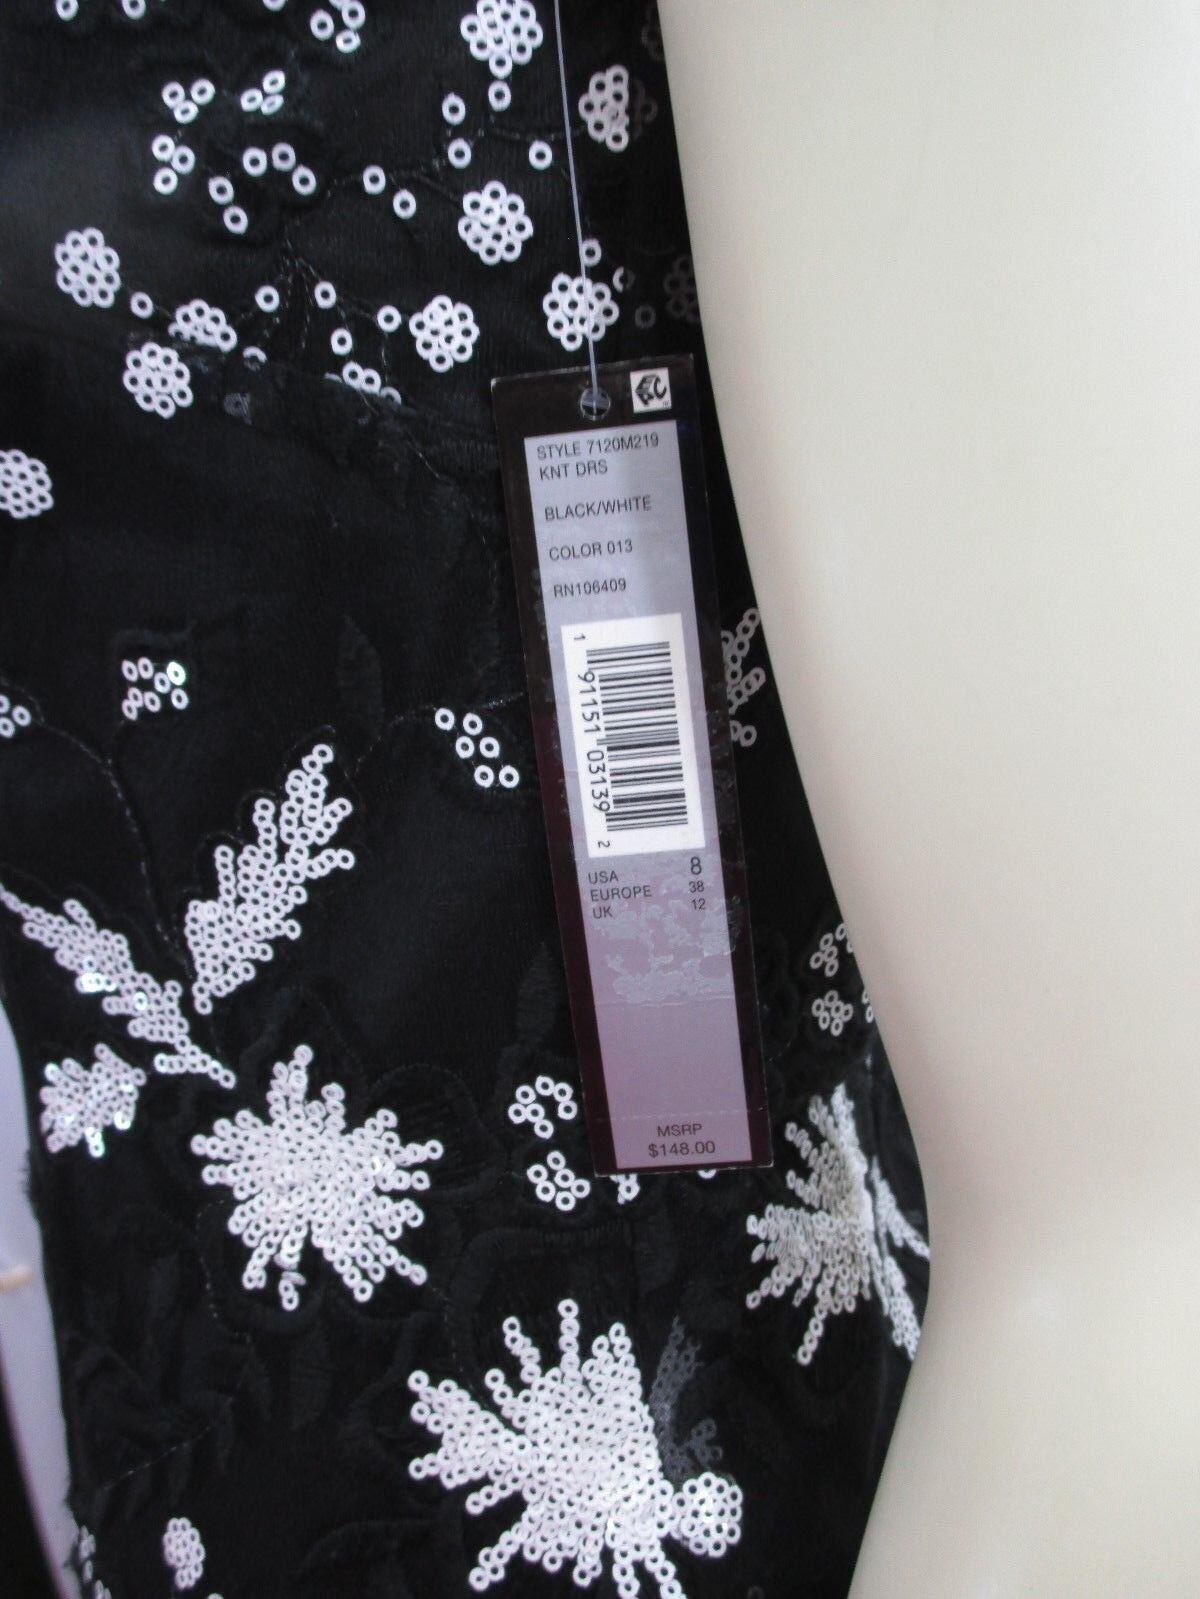 Tahari Schwarz Weißes Kleid Gr. Gr. Gr. UK 8 Neu mit Etiketten | Outlet Store  | Spielzeugwelt, fröhlicher Ozean  | Fuxin  944c66